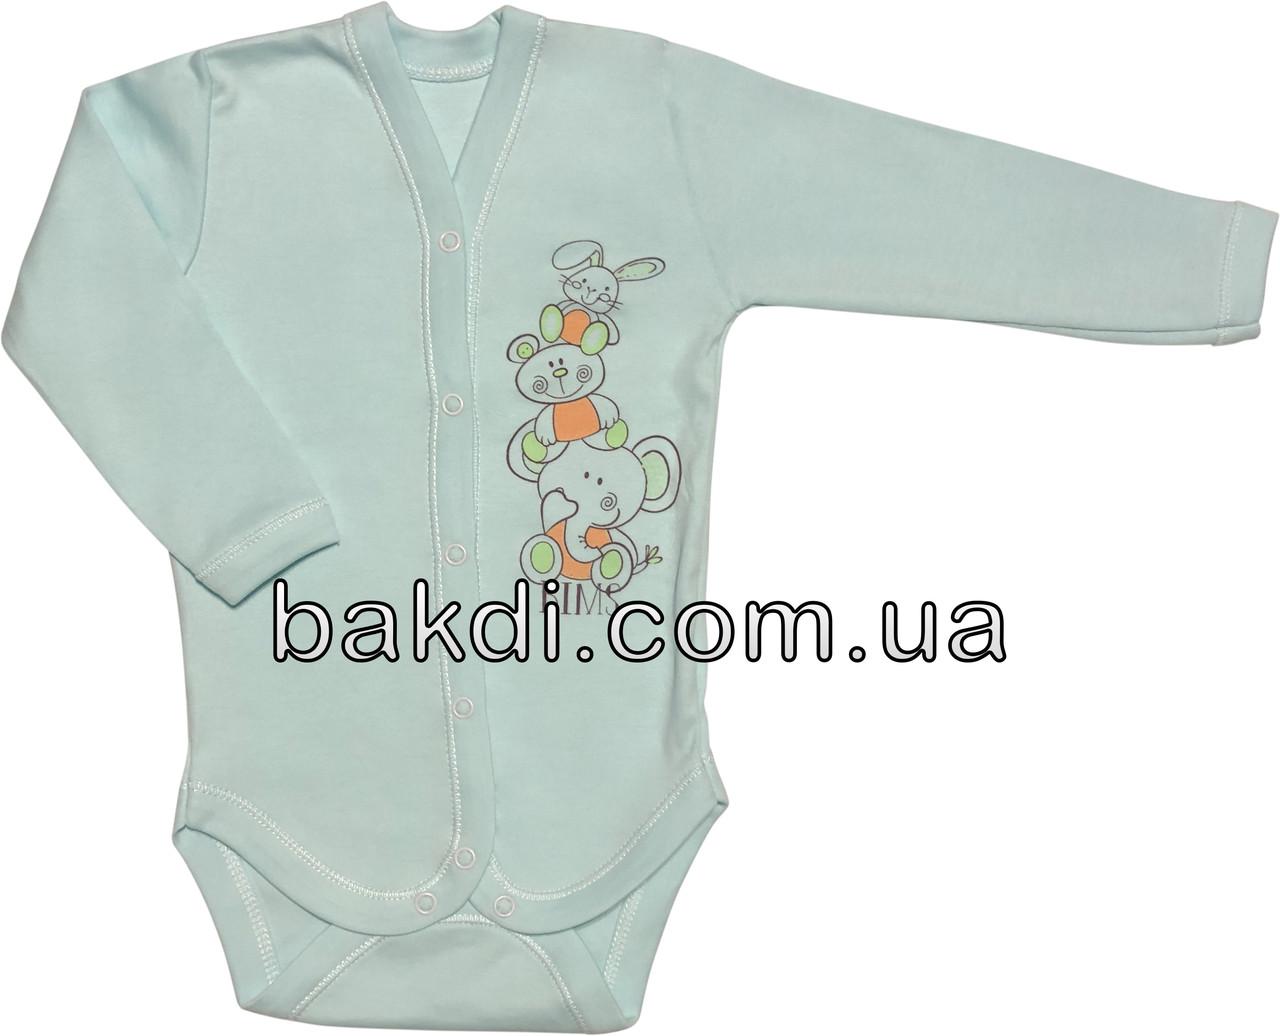 Детское боди для новорожденных рост 68 3-6 мес на мальчика девочку трикотажное с длинным рукавом бирюзовое